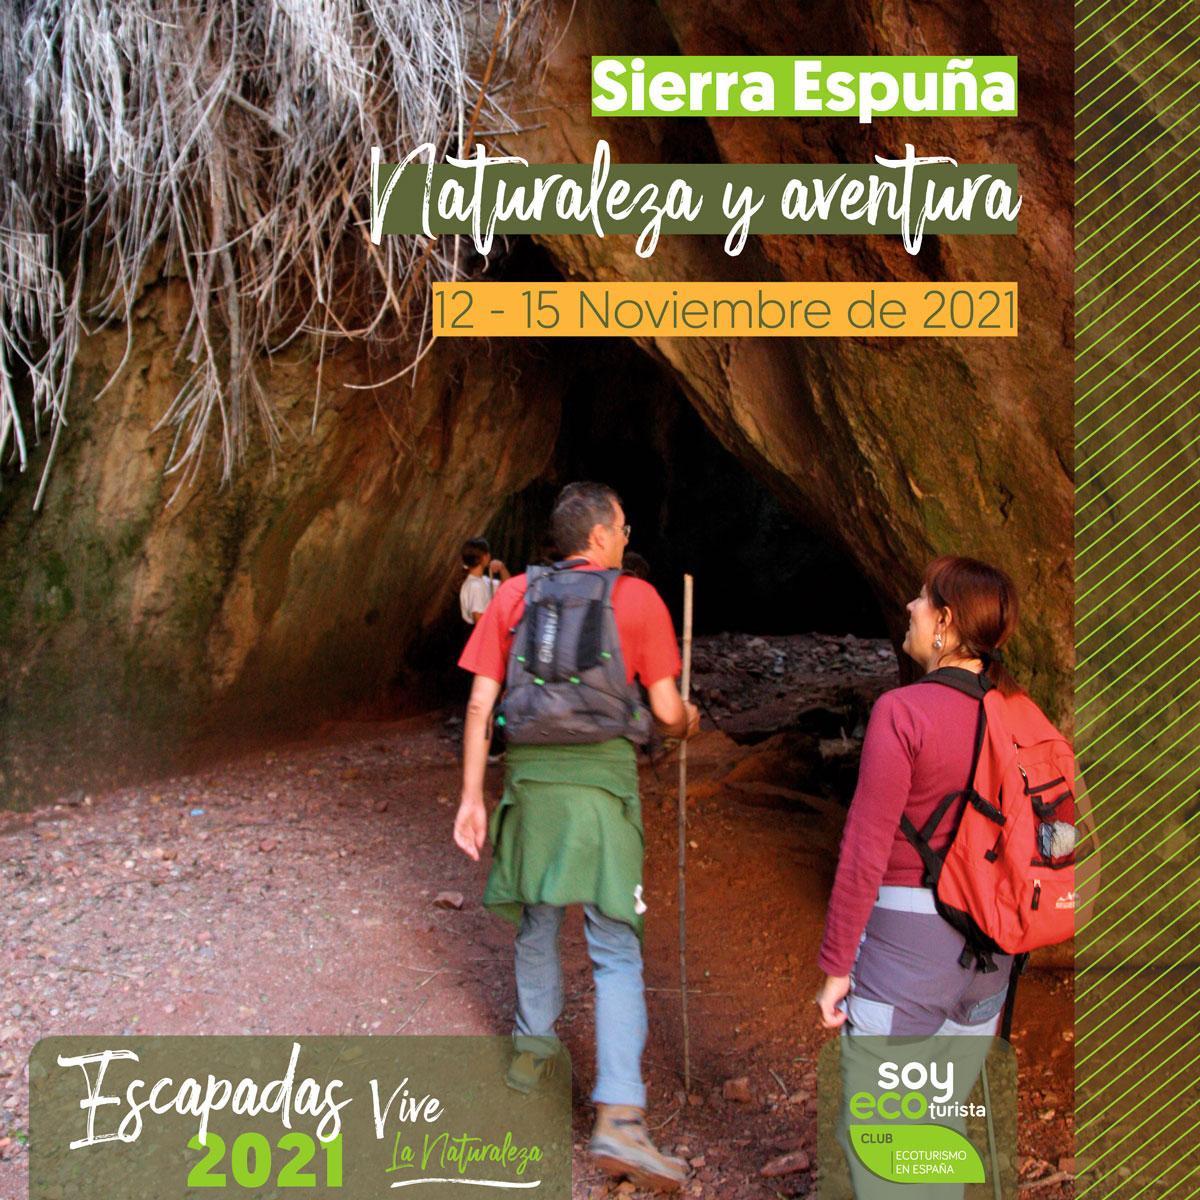 Realiza ecoturismo en Sierra Espuña en noviembre